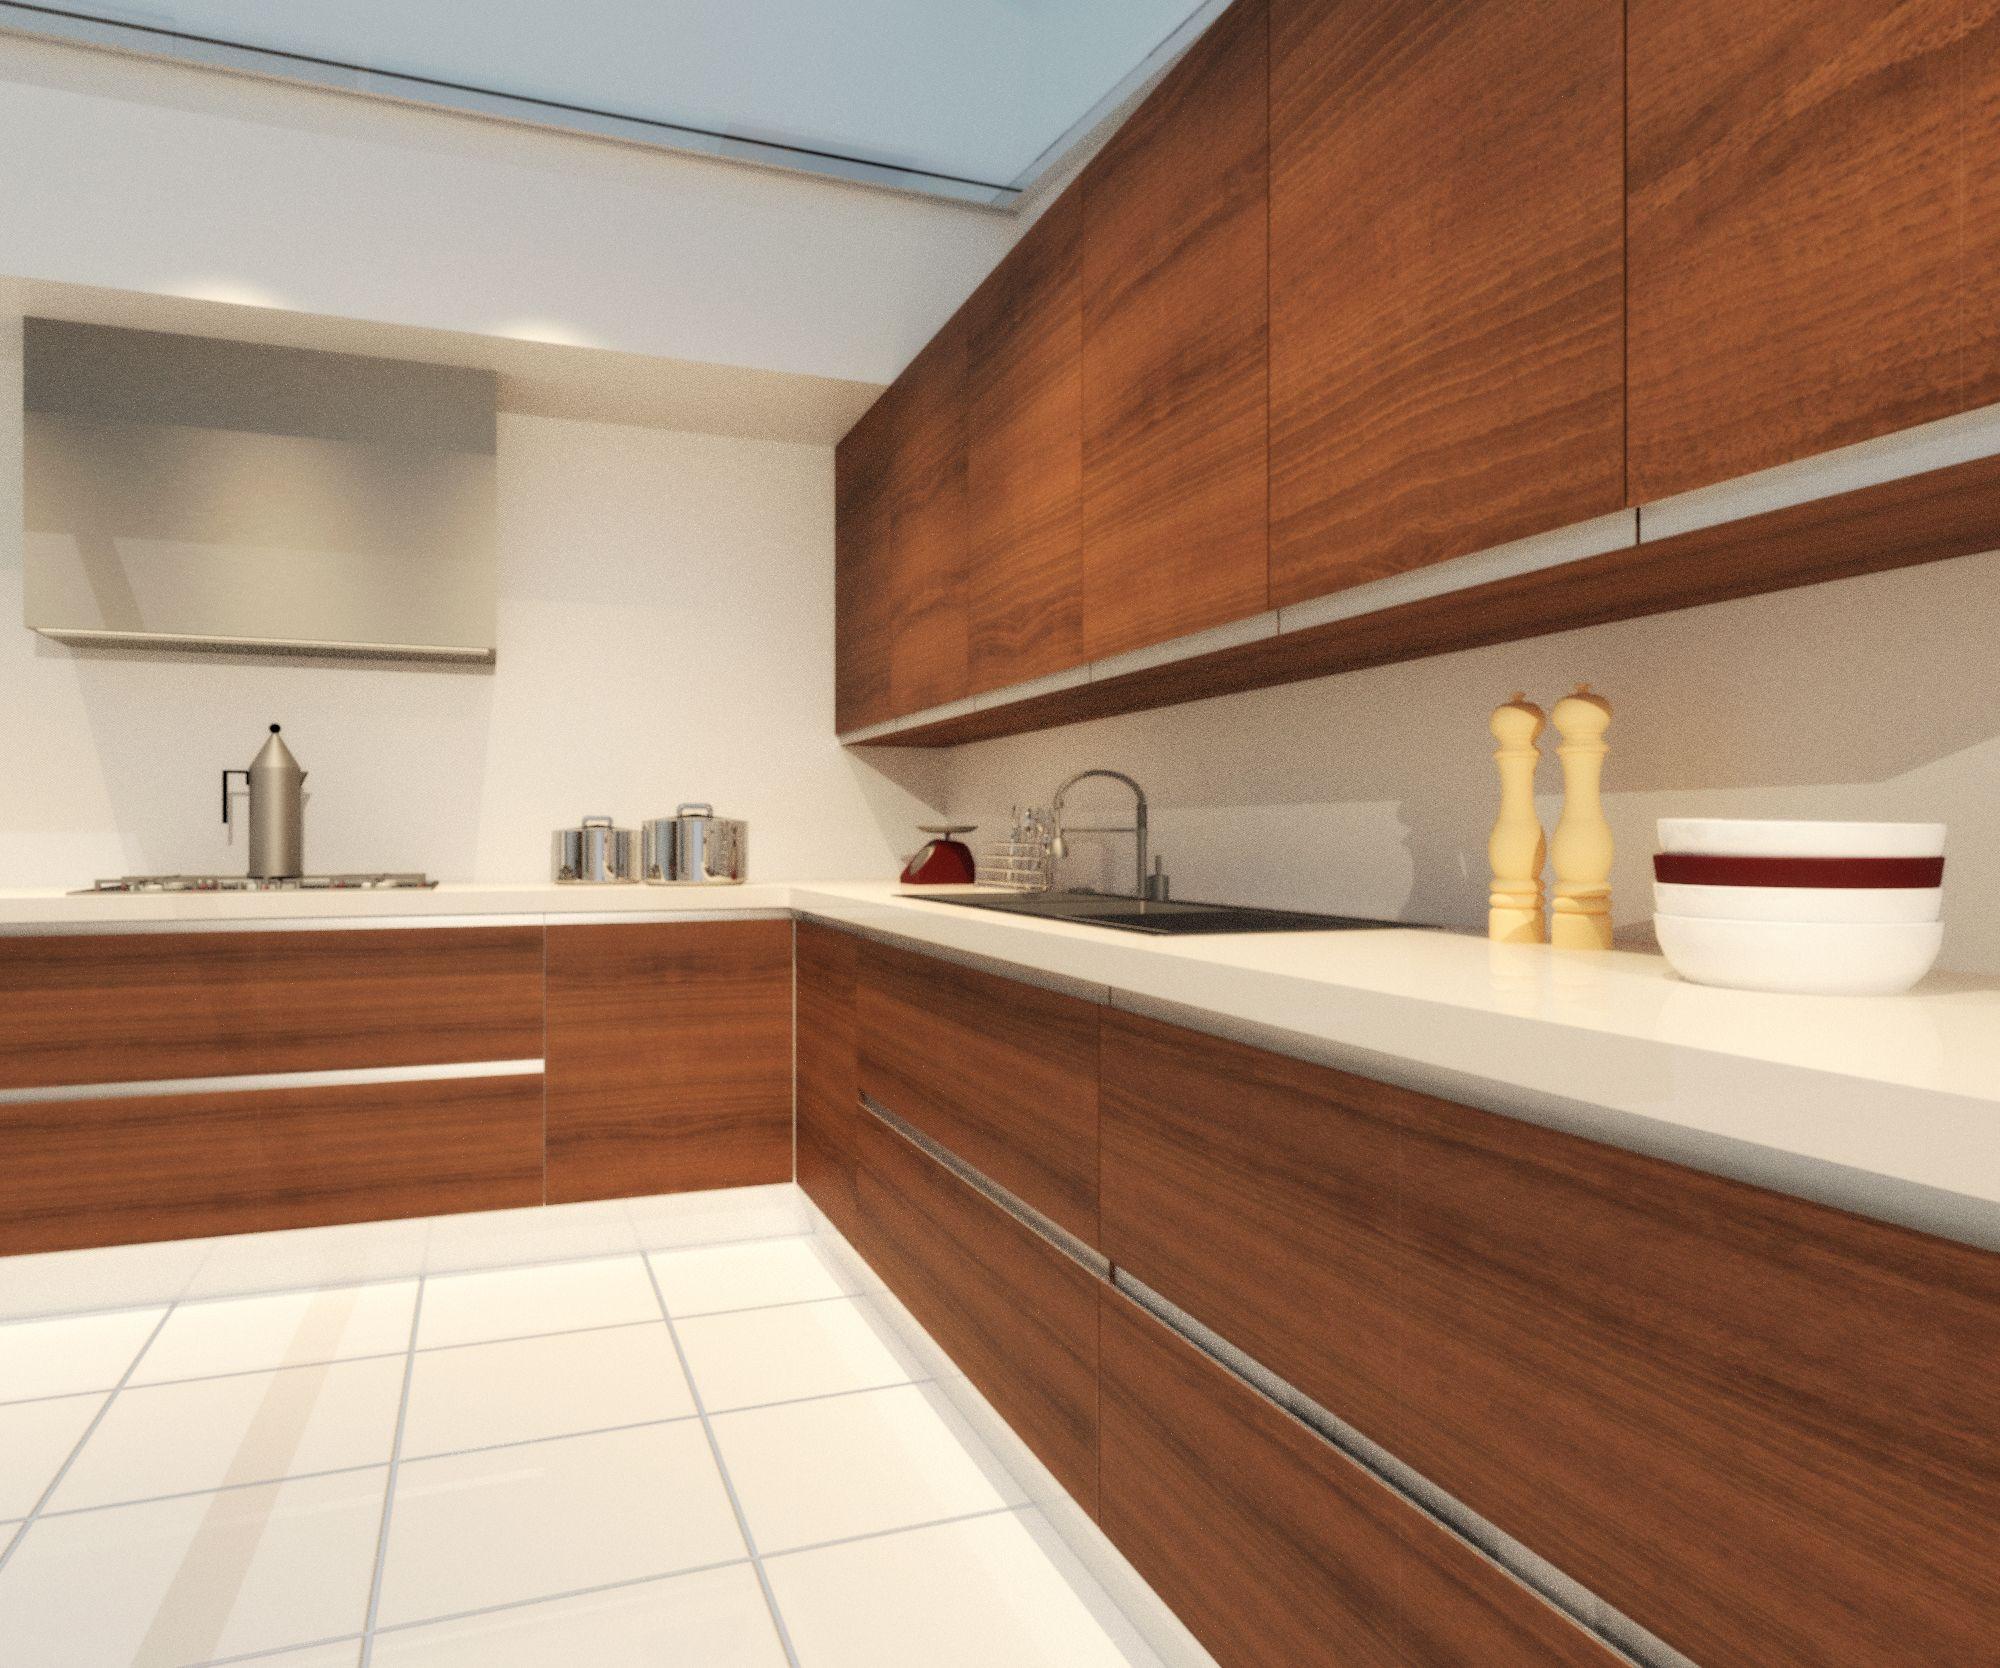 Cocina con puertas de madera de dise o liso modelo onda - Diseno de puertas ...